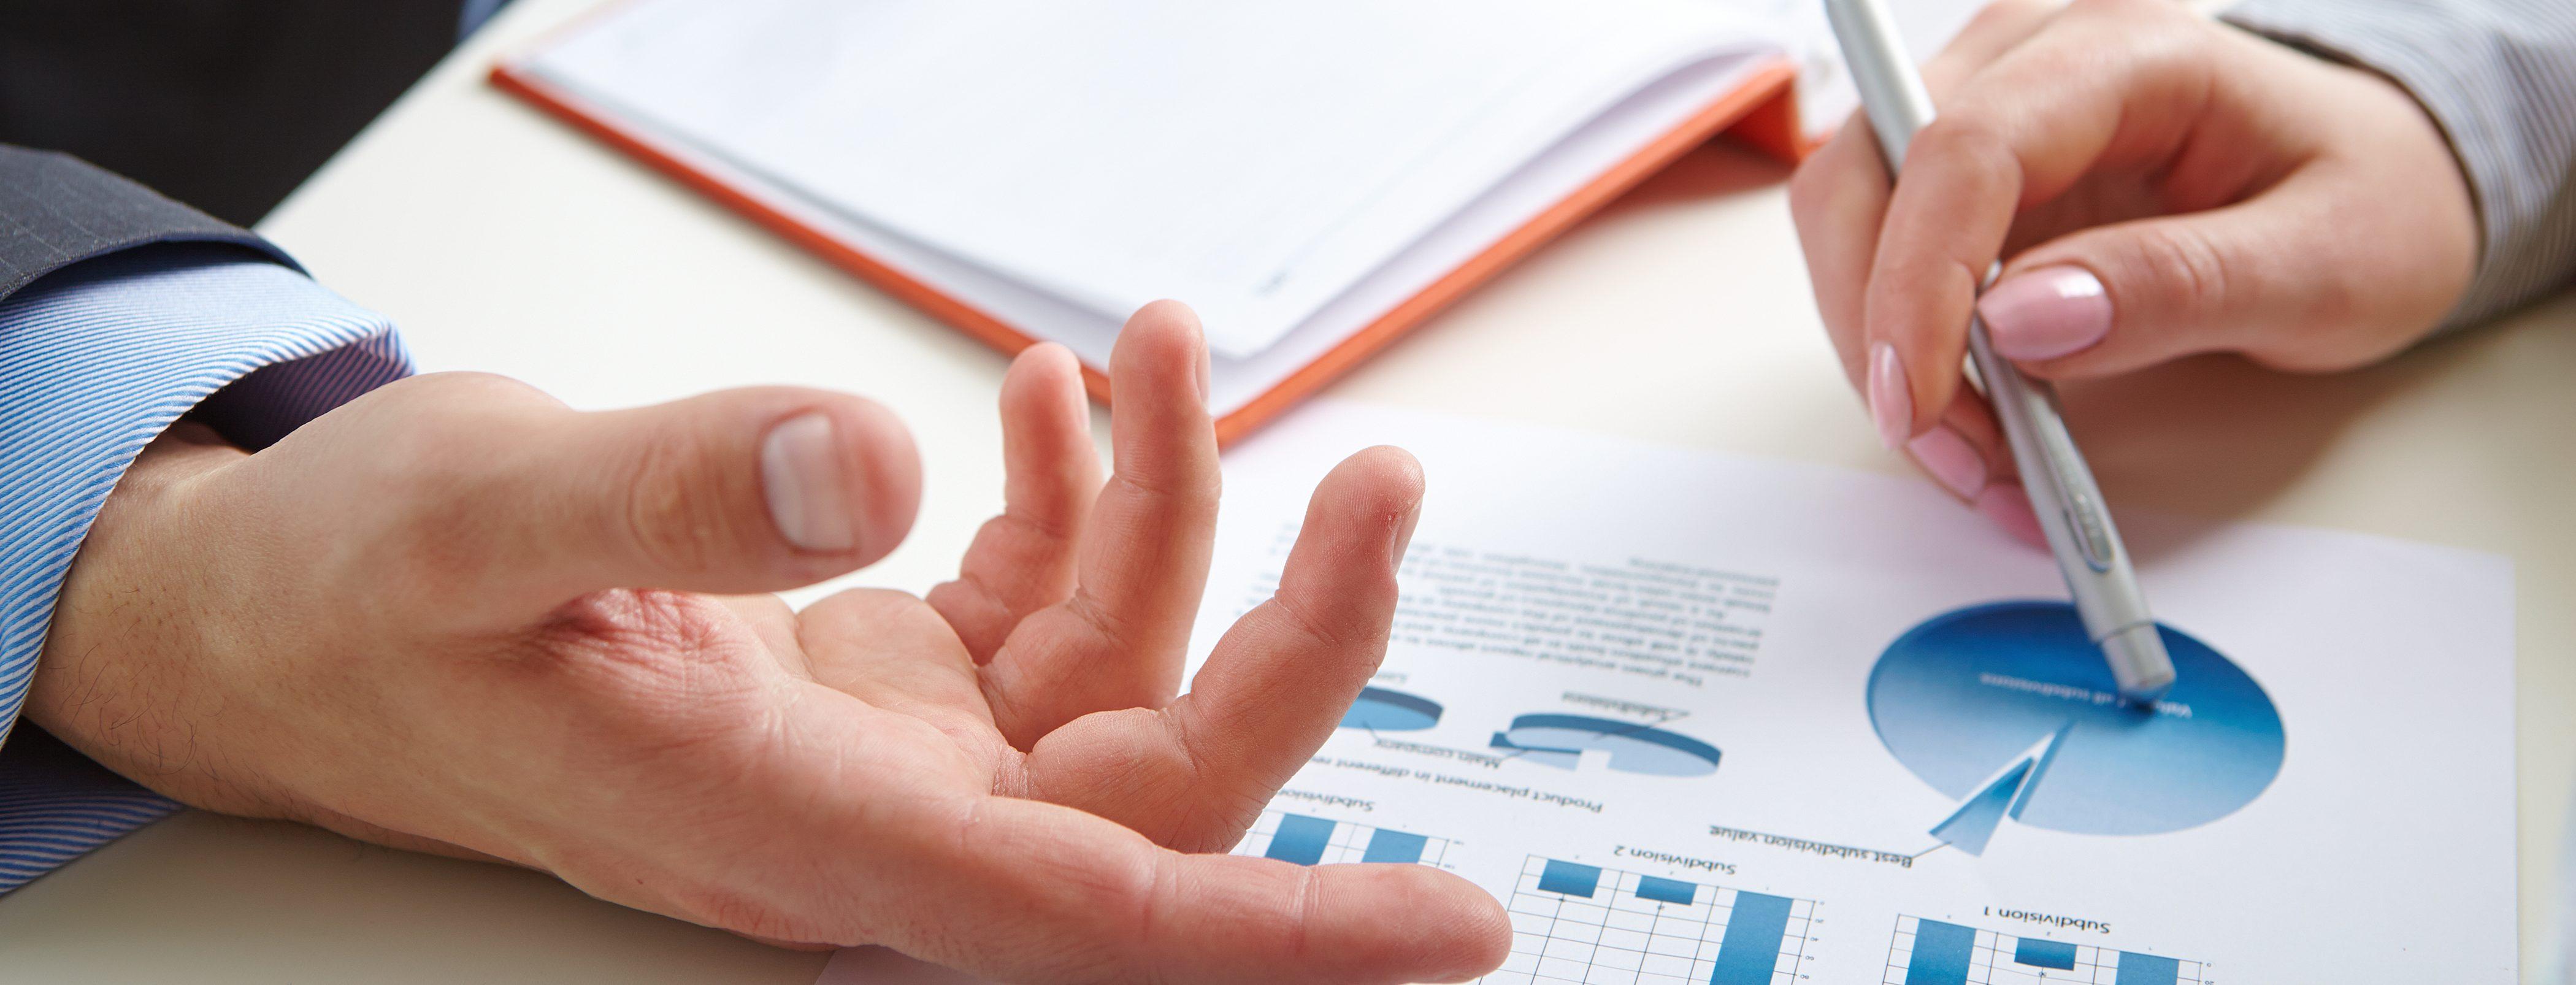 Akuntansi Bagi UKM? Sebenarnya apakah diperlukan?